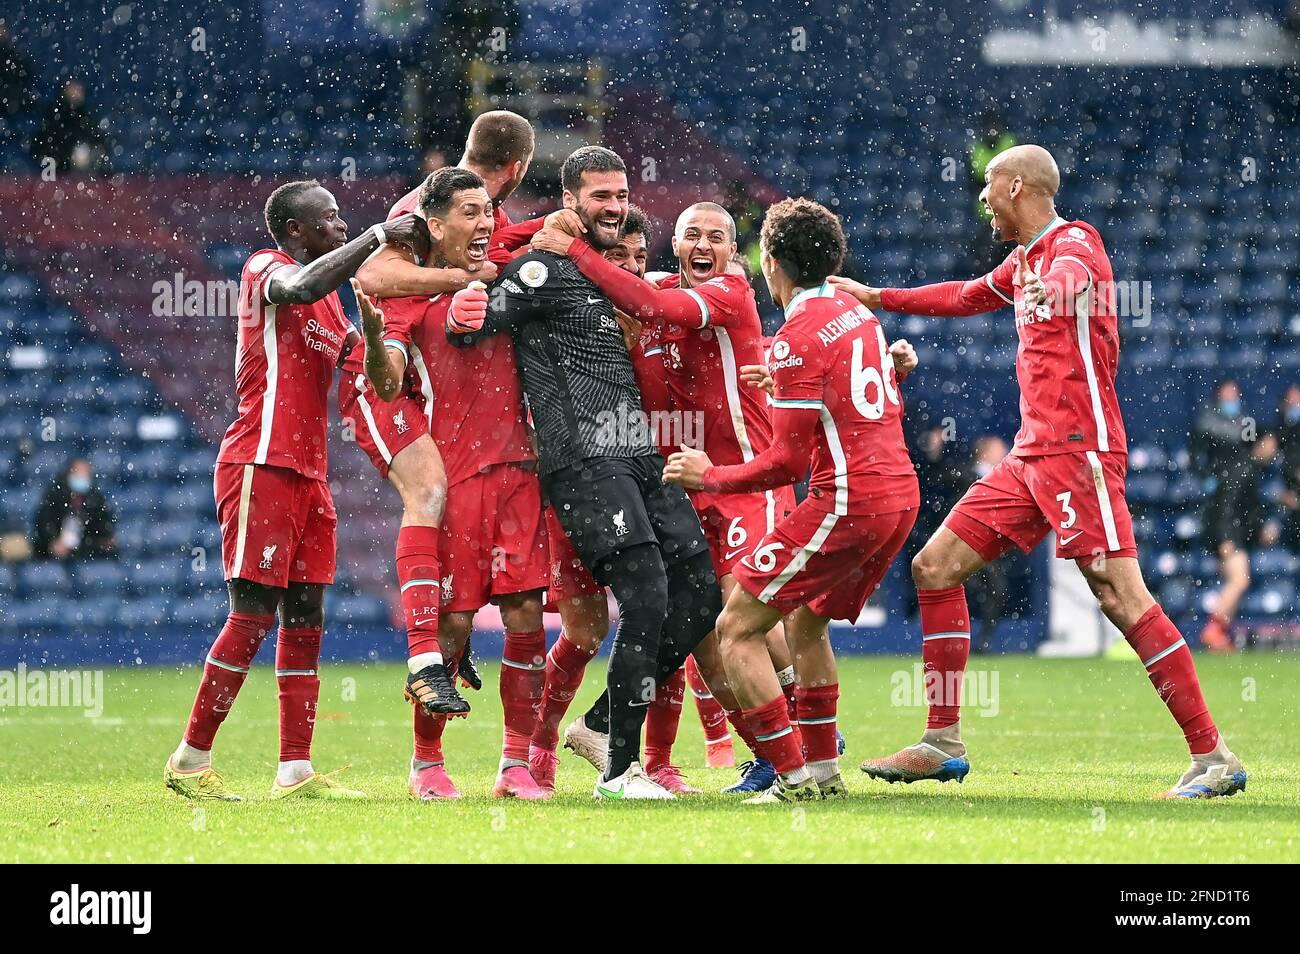 Liverpooler Torhüter Alisson feiert das zweite Tor seiner Mannschaft mit Teamkollegen während des Premier League-Spiels in den Hawthorns, West Bromwich. Bilddatum: Sonntag, 16. Mai 2021. Stockfoto